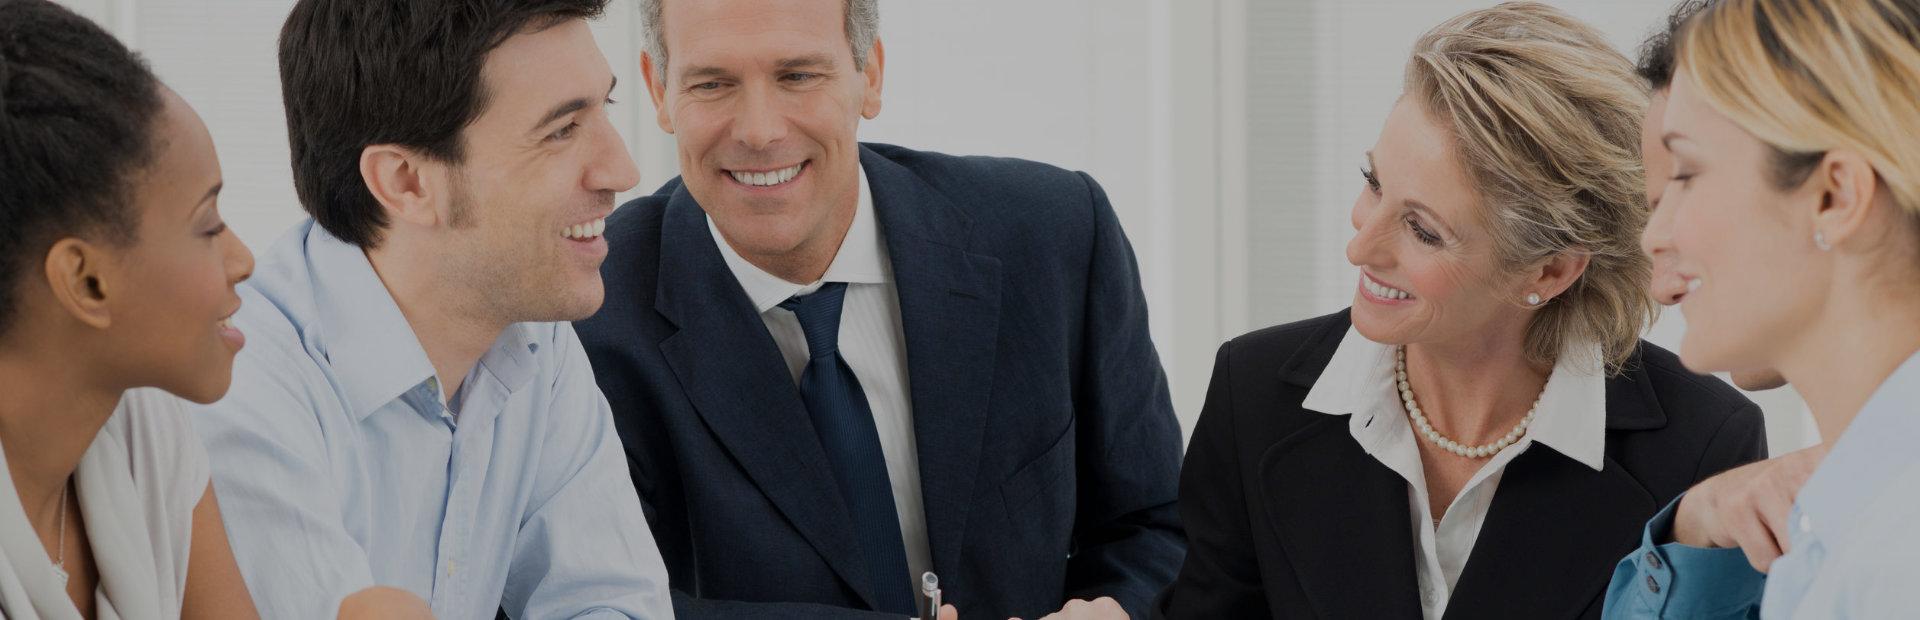 Target Cross ERP per gestionale per l'azienda